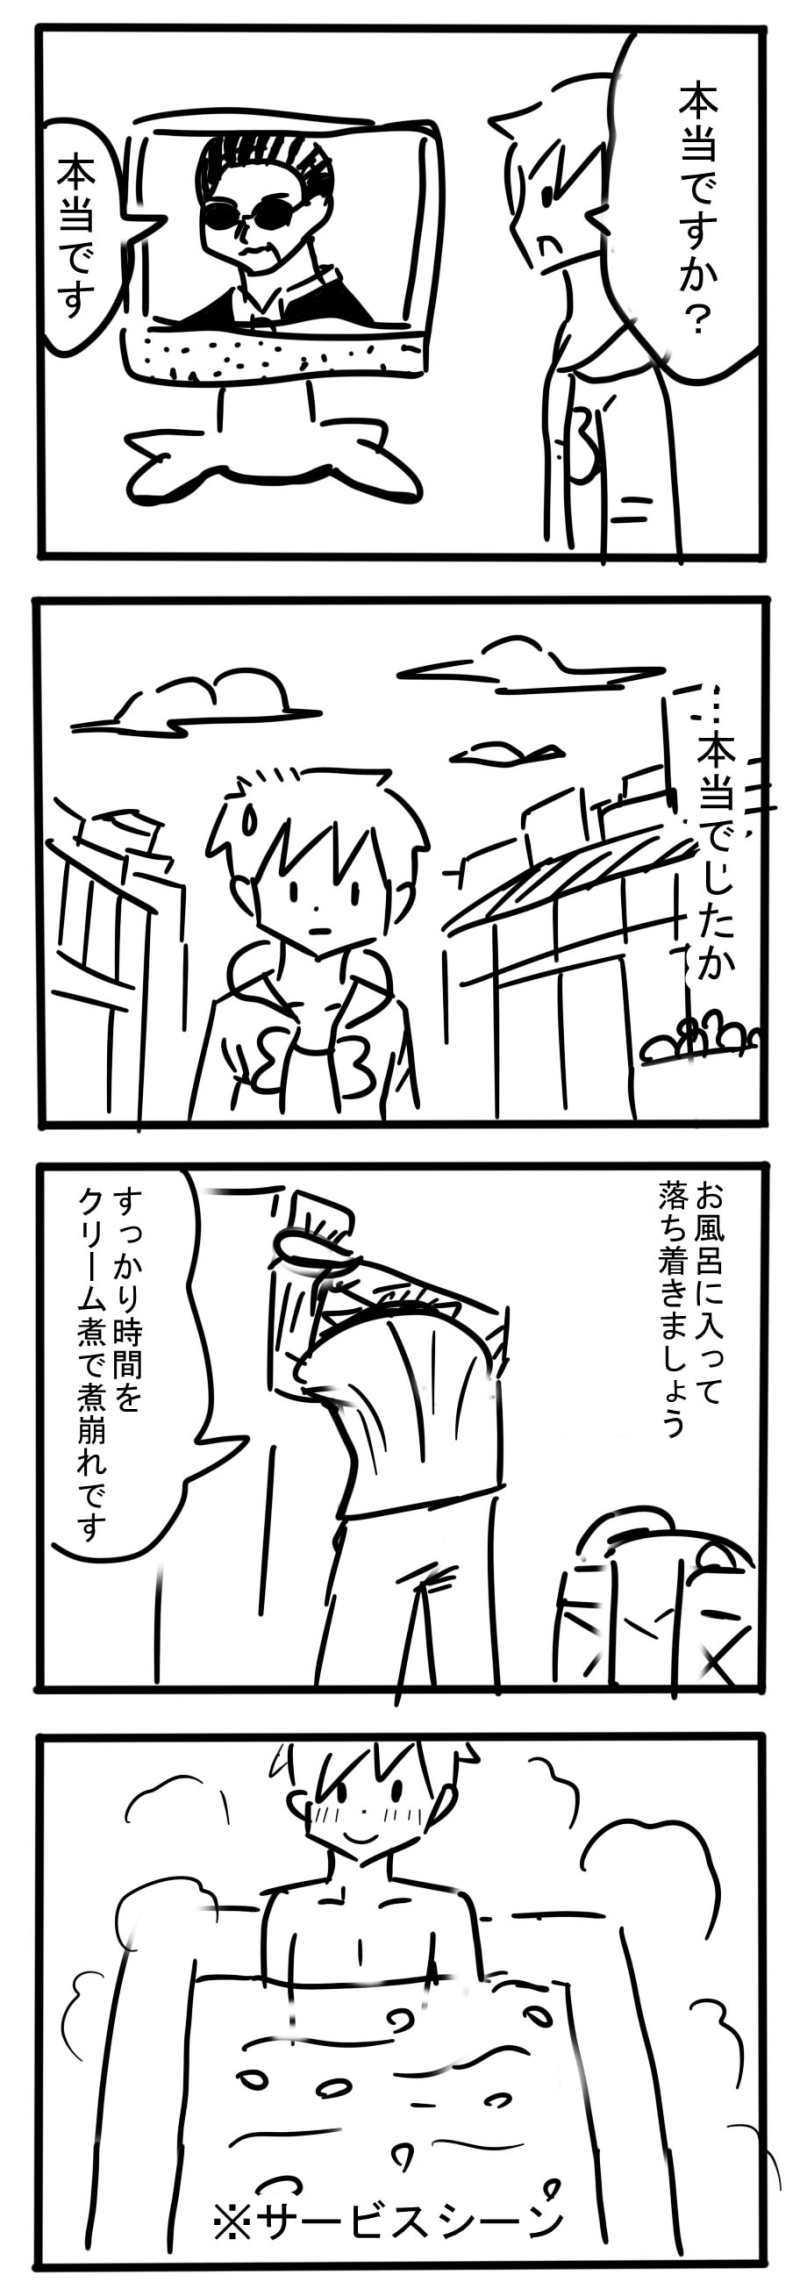 肺太郎1~5話